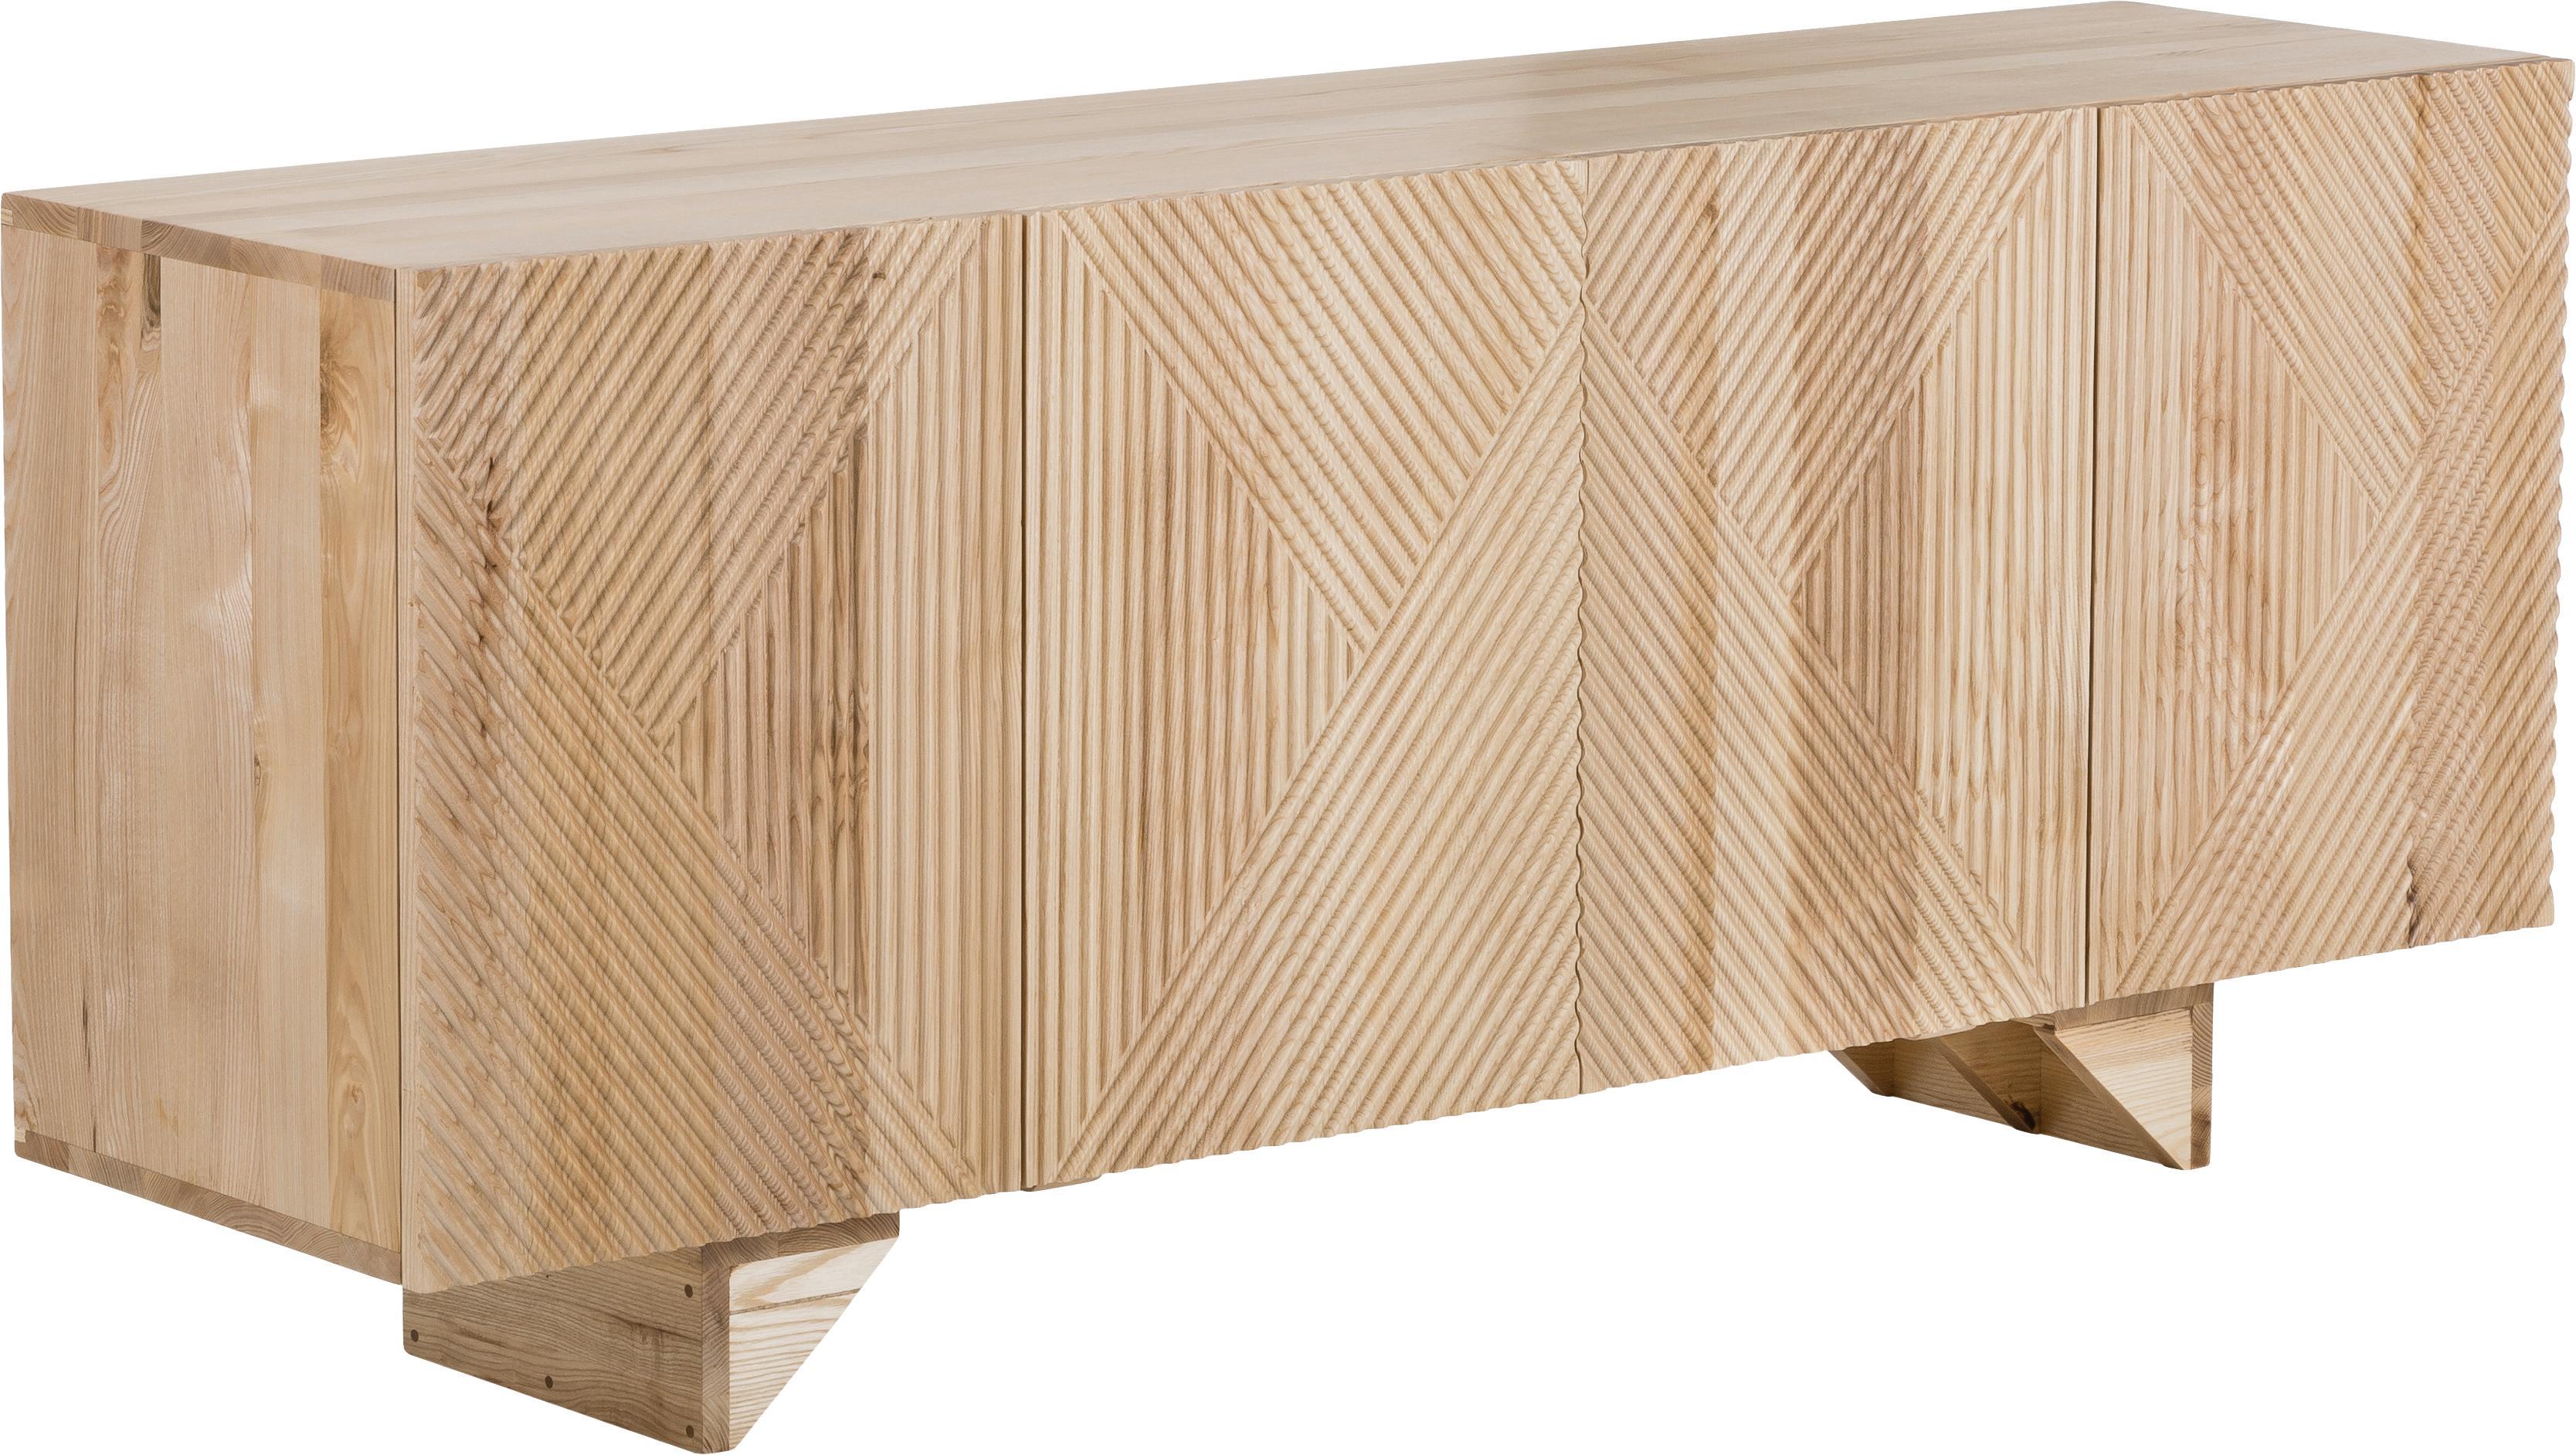 Aparador de madera maciza Louis, Madera de mango maciza, pintado, Madera de fresno, An 177 x Al 75 cm